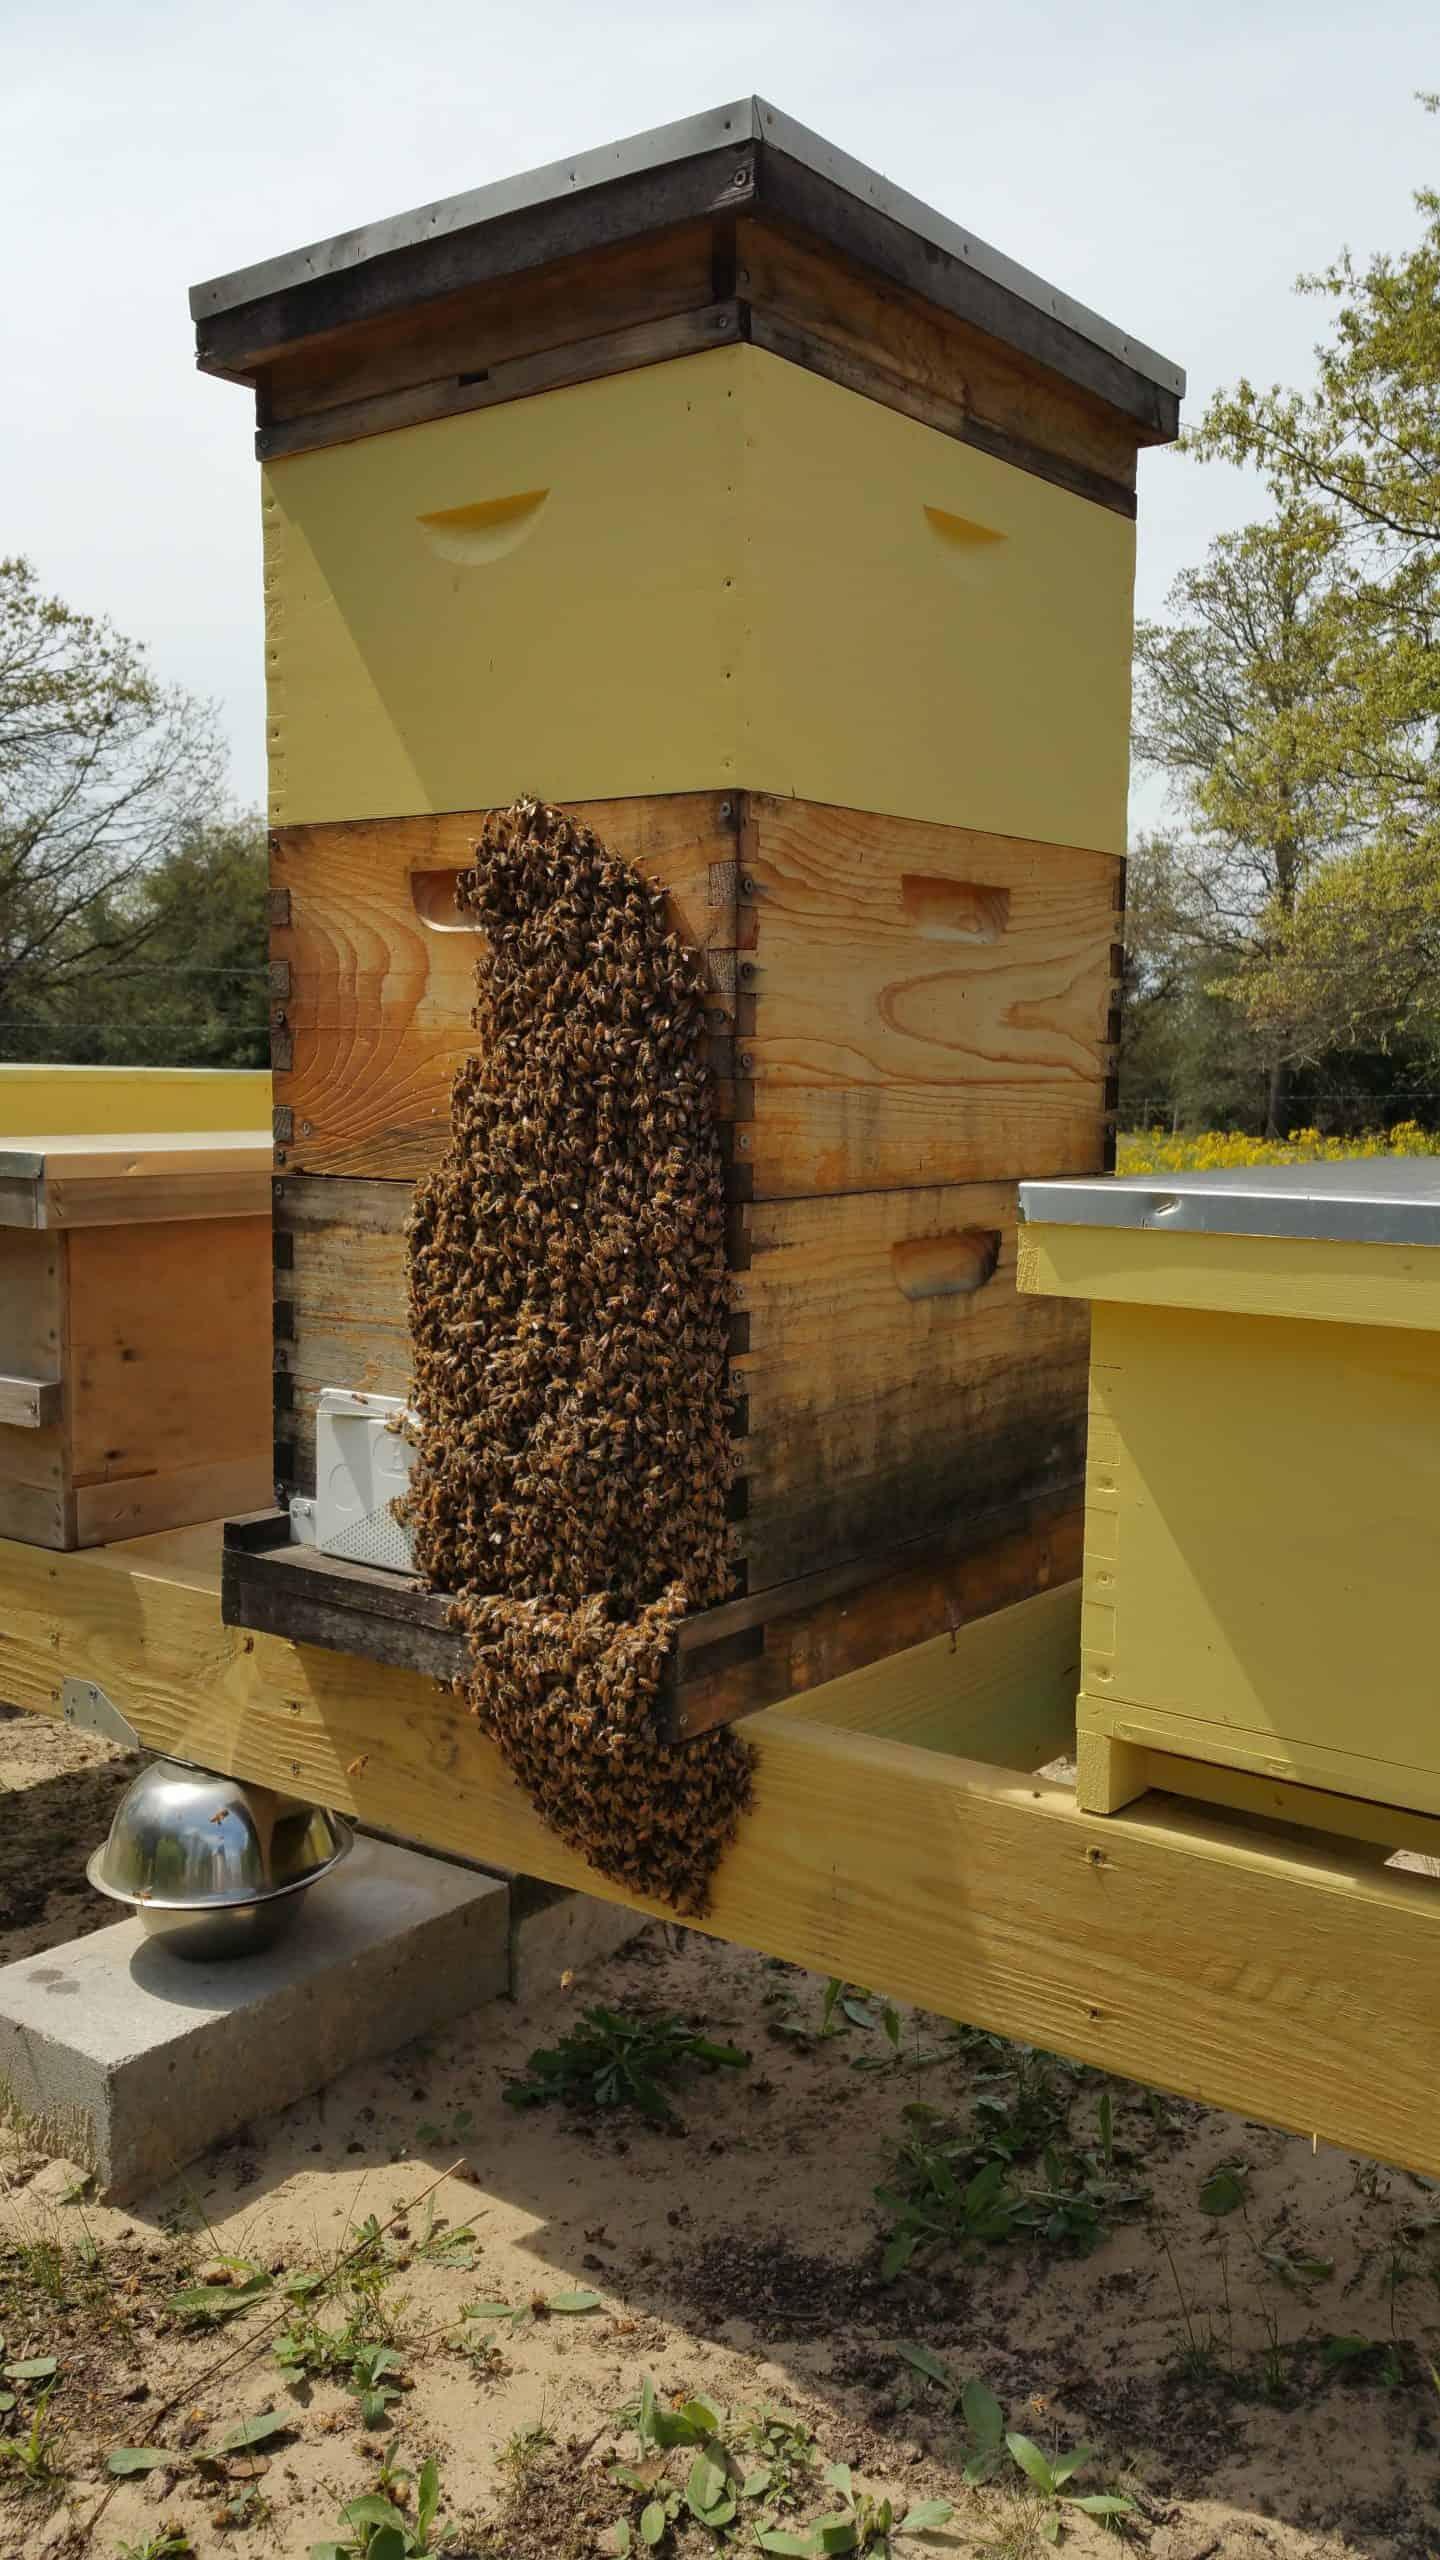 Bees Bearding DanSki's Bees